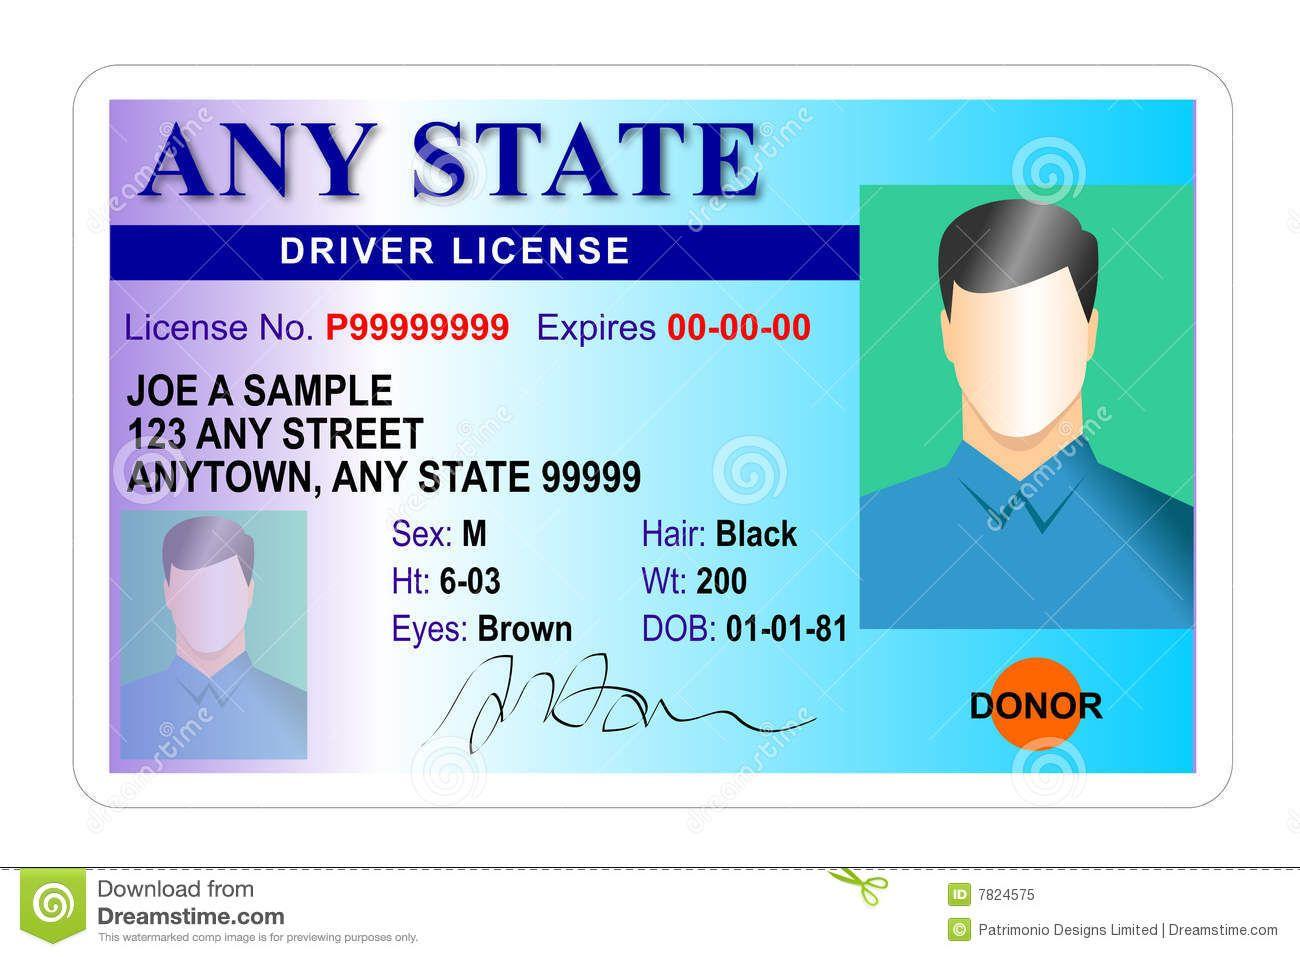 中国的驾照可以在美国开车吗